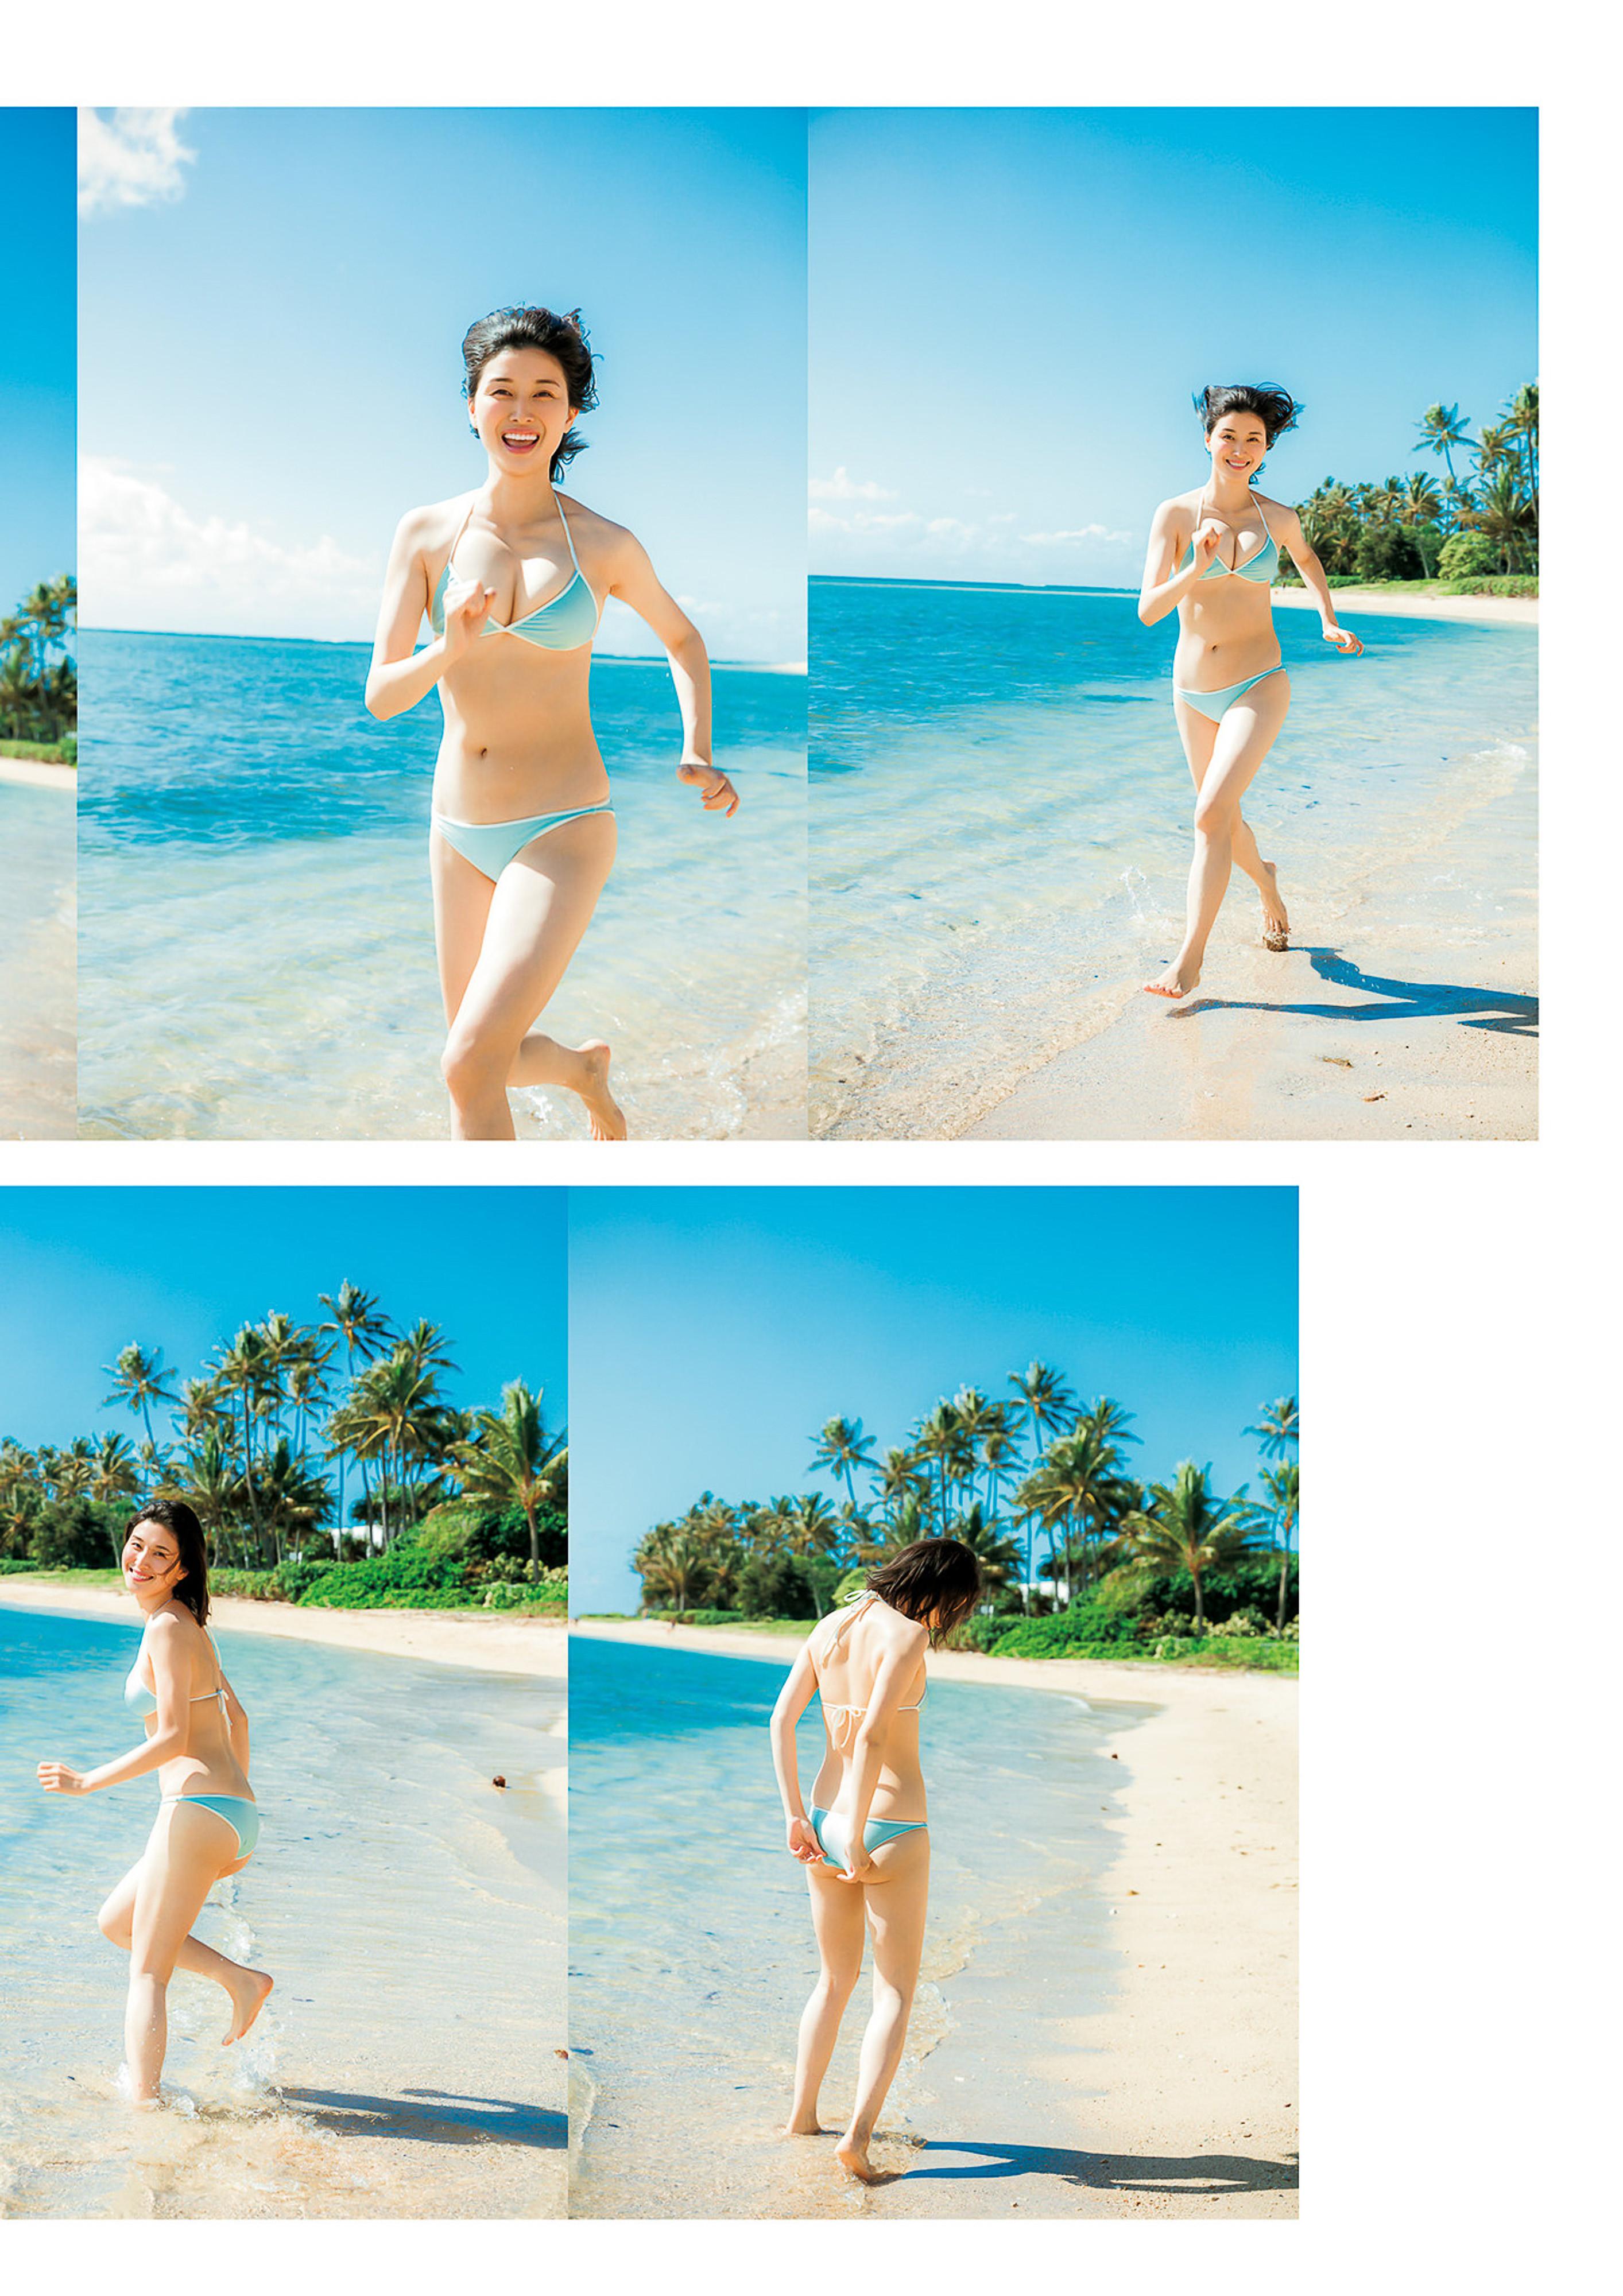 Hashimoto-Manami-db-hugging-in-Hawaii-021